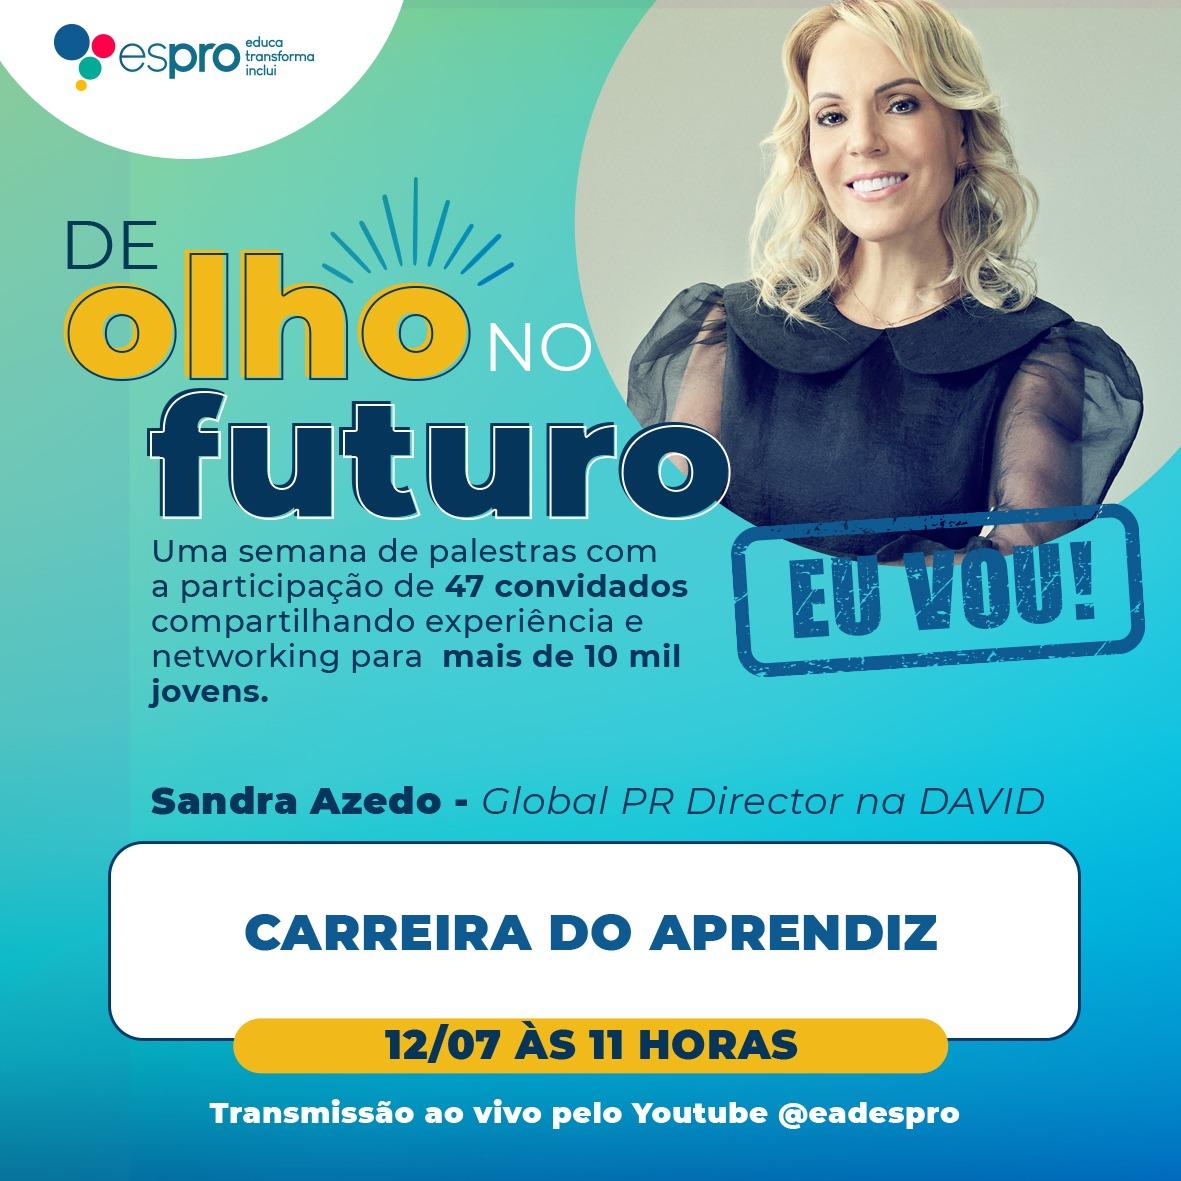 CARREIRA DO APRENDIZ